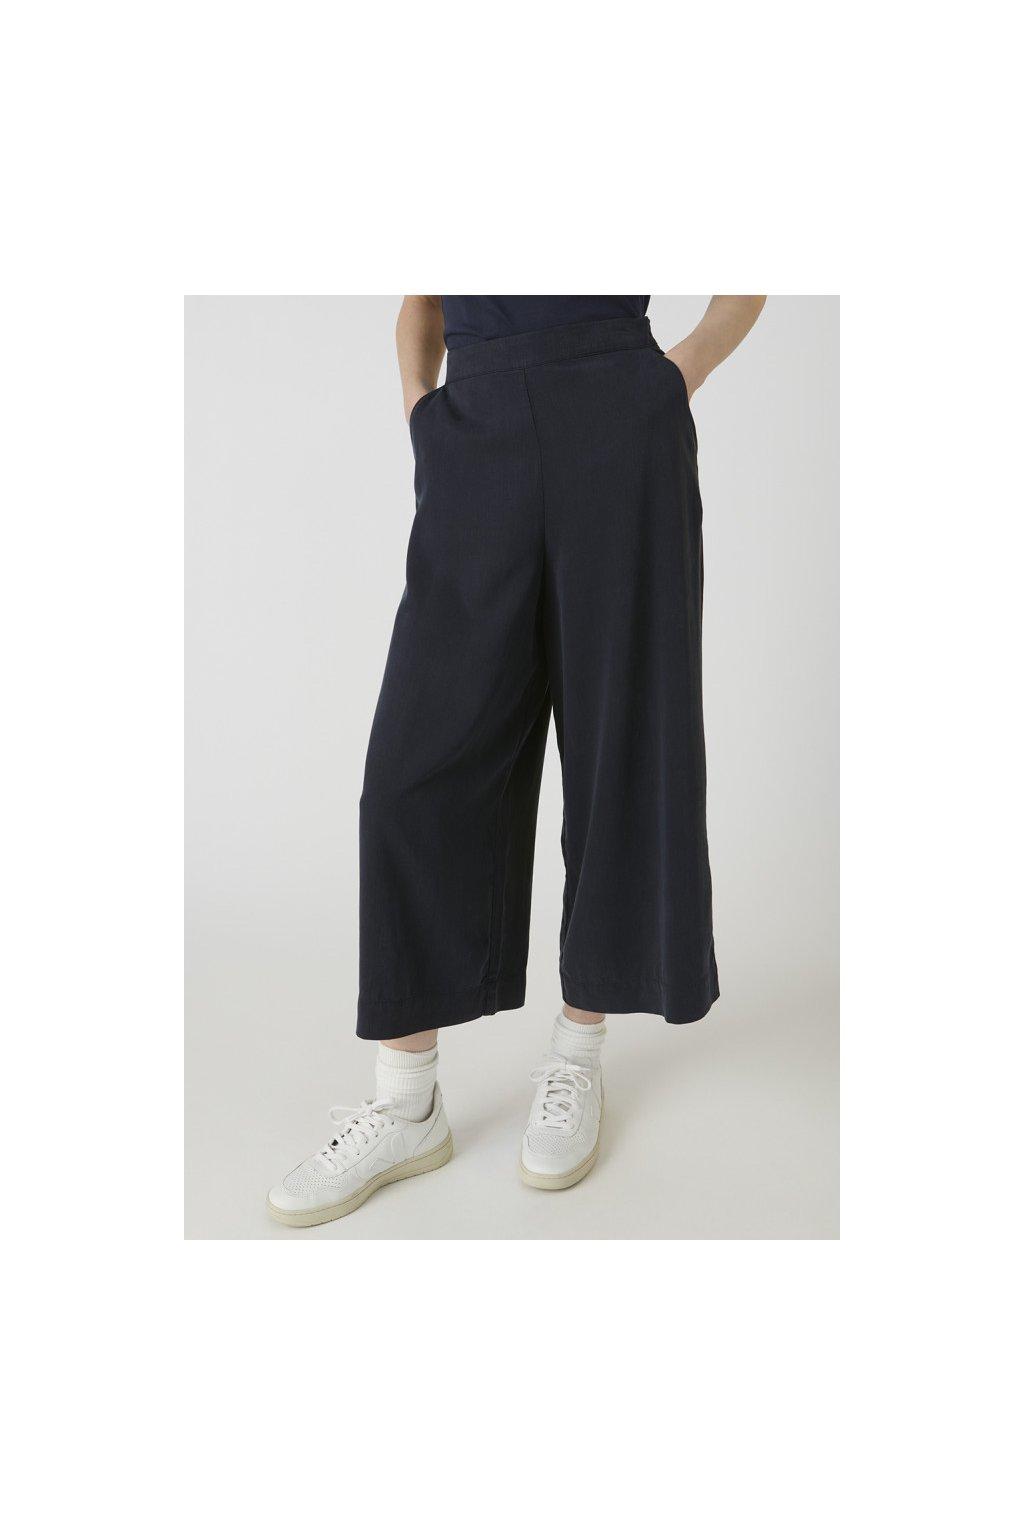 """Dámské modré culotte kalhoty z eukalyptu """"KAYLA frozen blue"""" (Velikost L)"""